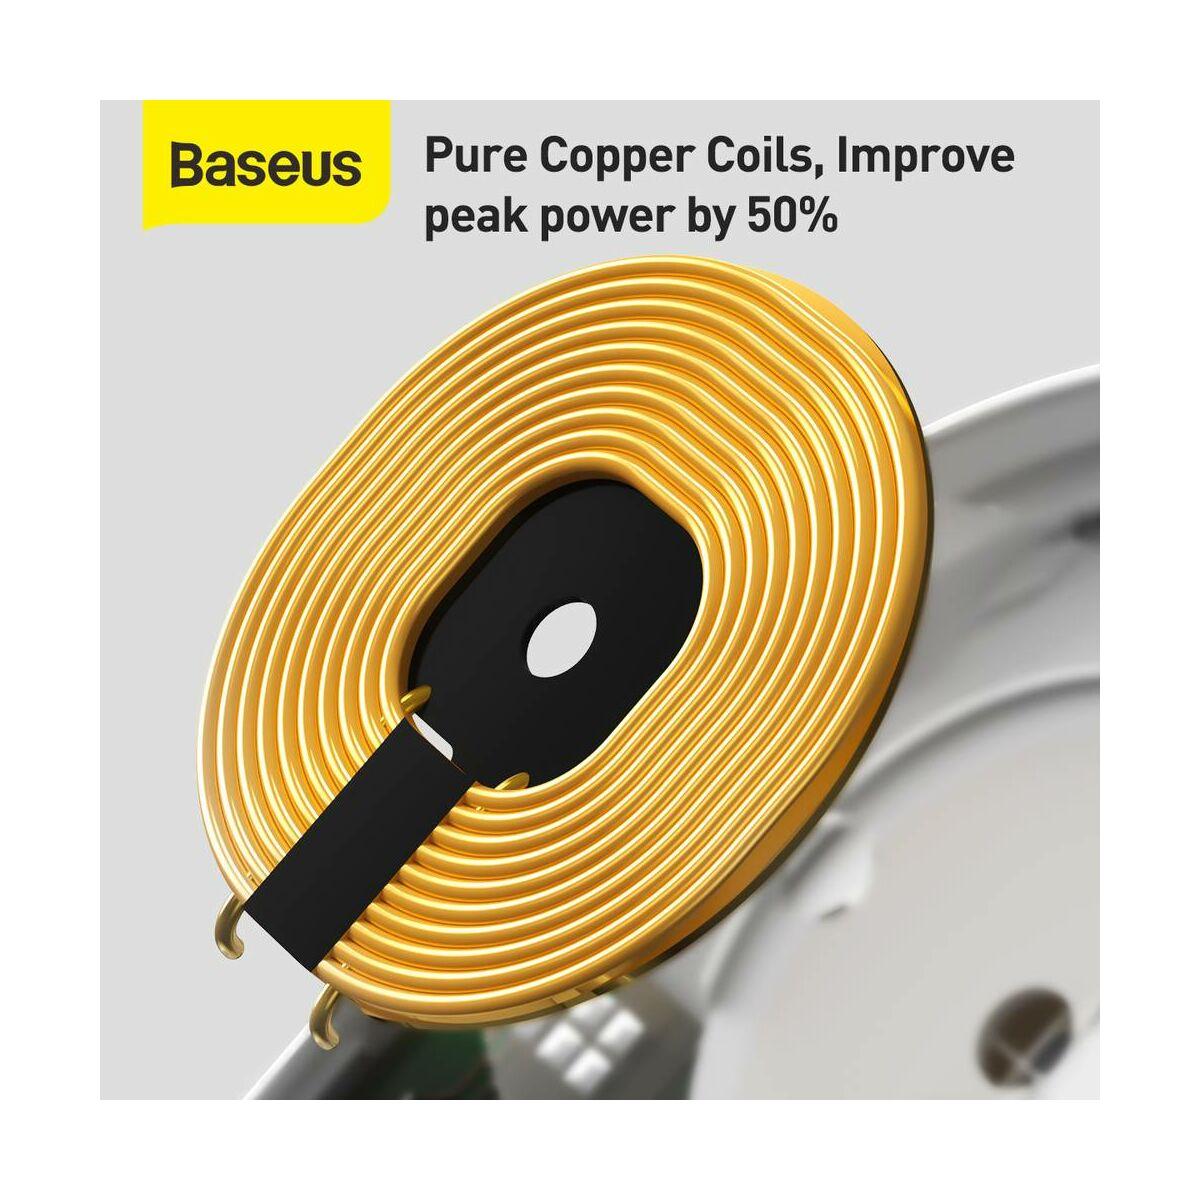 Baseus vezeték nélküli töltő, Planet 2-in-1 gyors töltő és feltkekerhető kábel tartó (Type-C 3A, 1m), fehér (WXPL-B02)